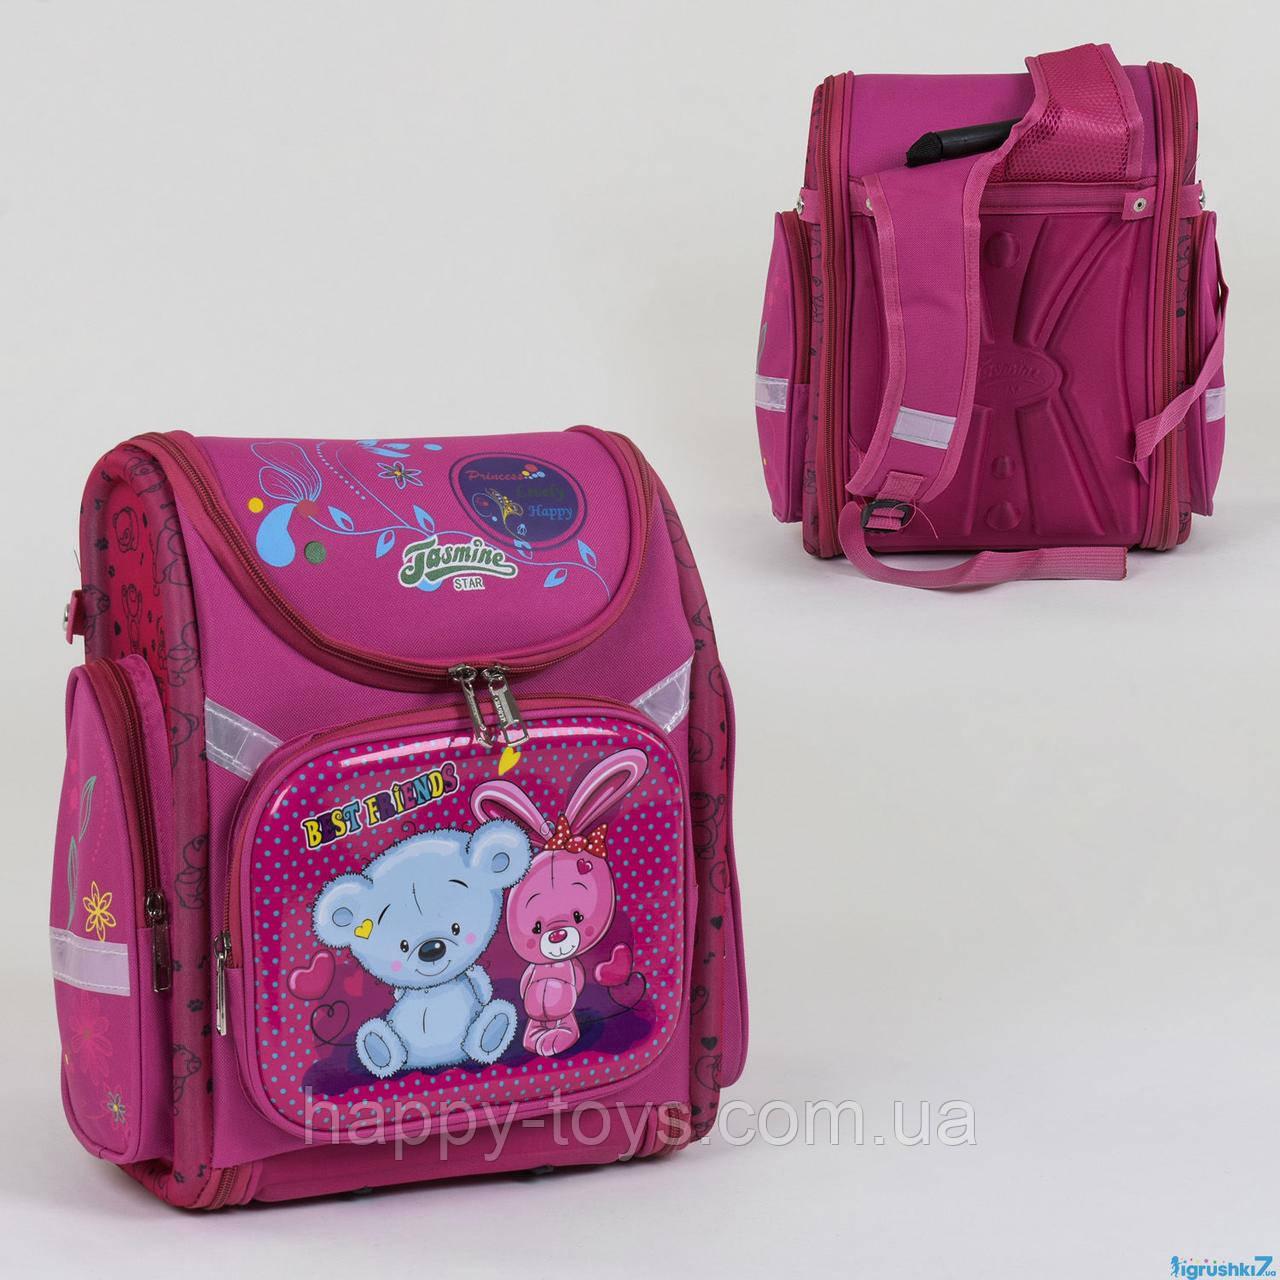 Рюкзак школьный каркасный, 1 отделение, 3 кармана, спинка ортопедическая С 36189